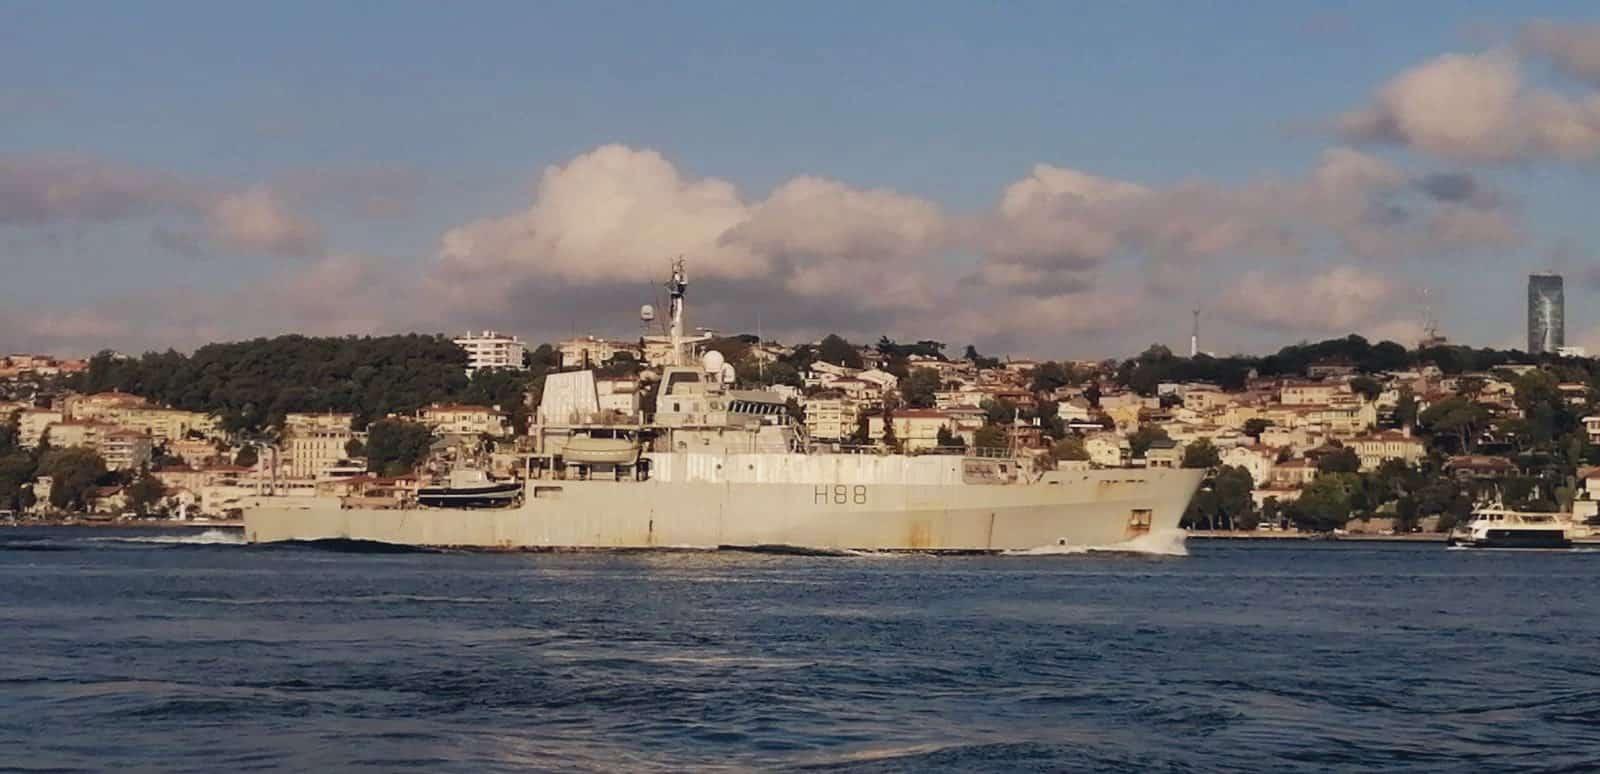 Корабель-розвідник HMS Enterprise (H88) під час переходу Босфору